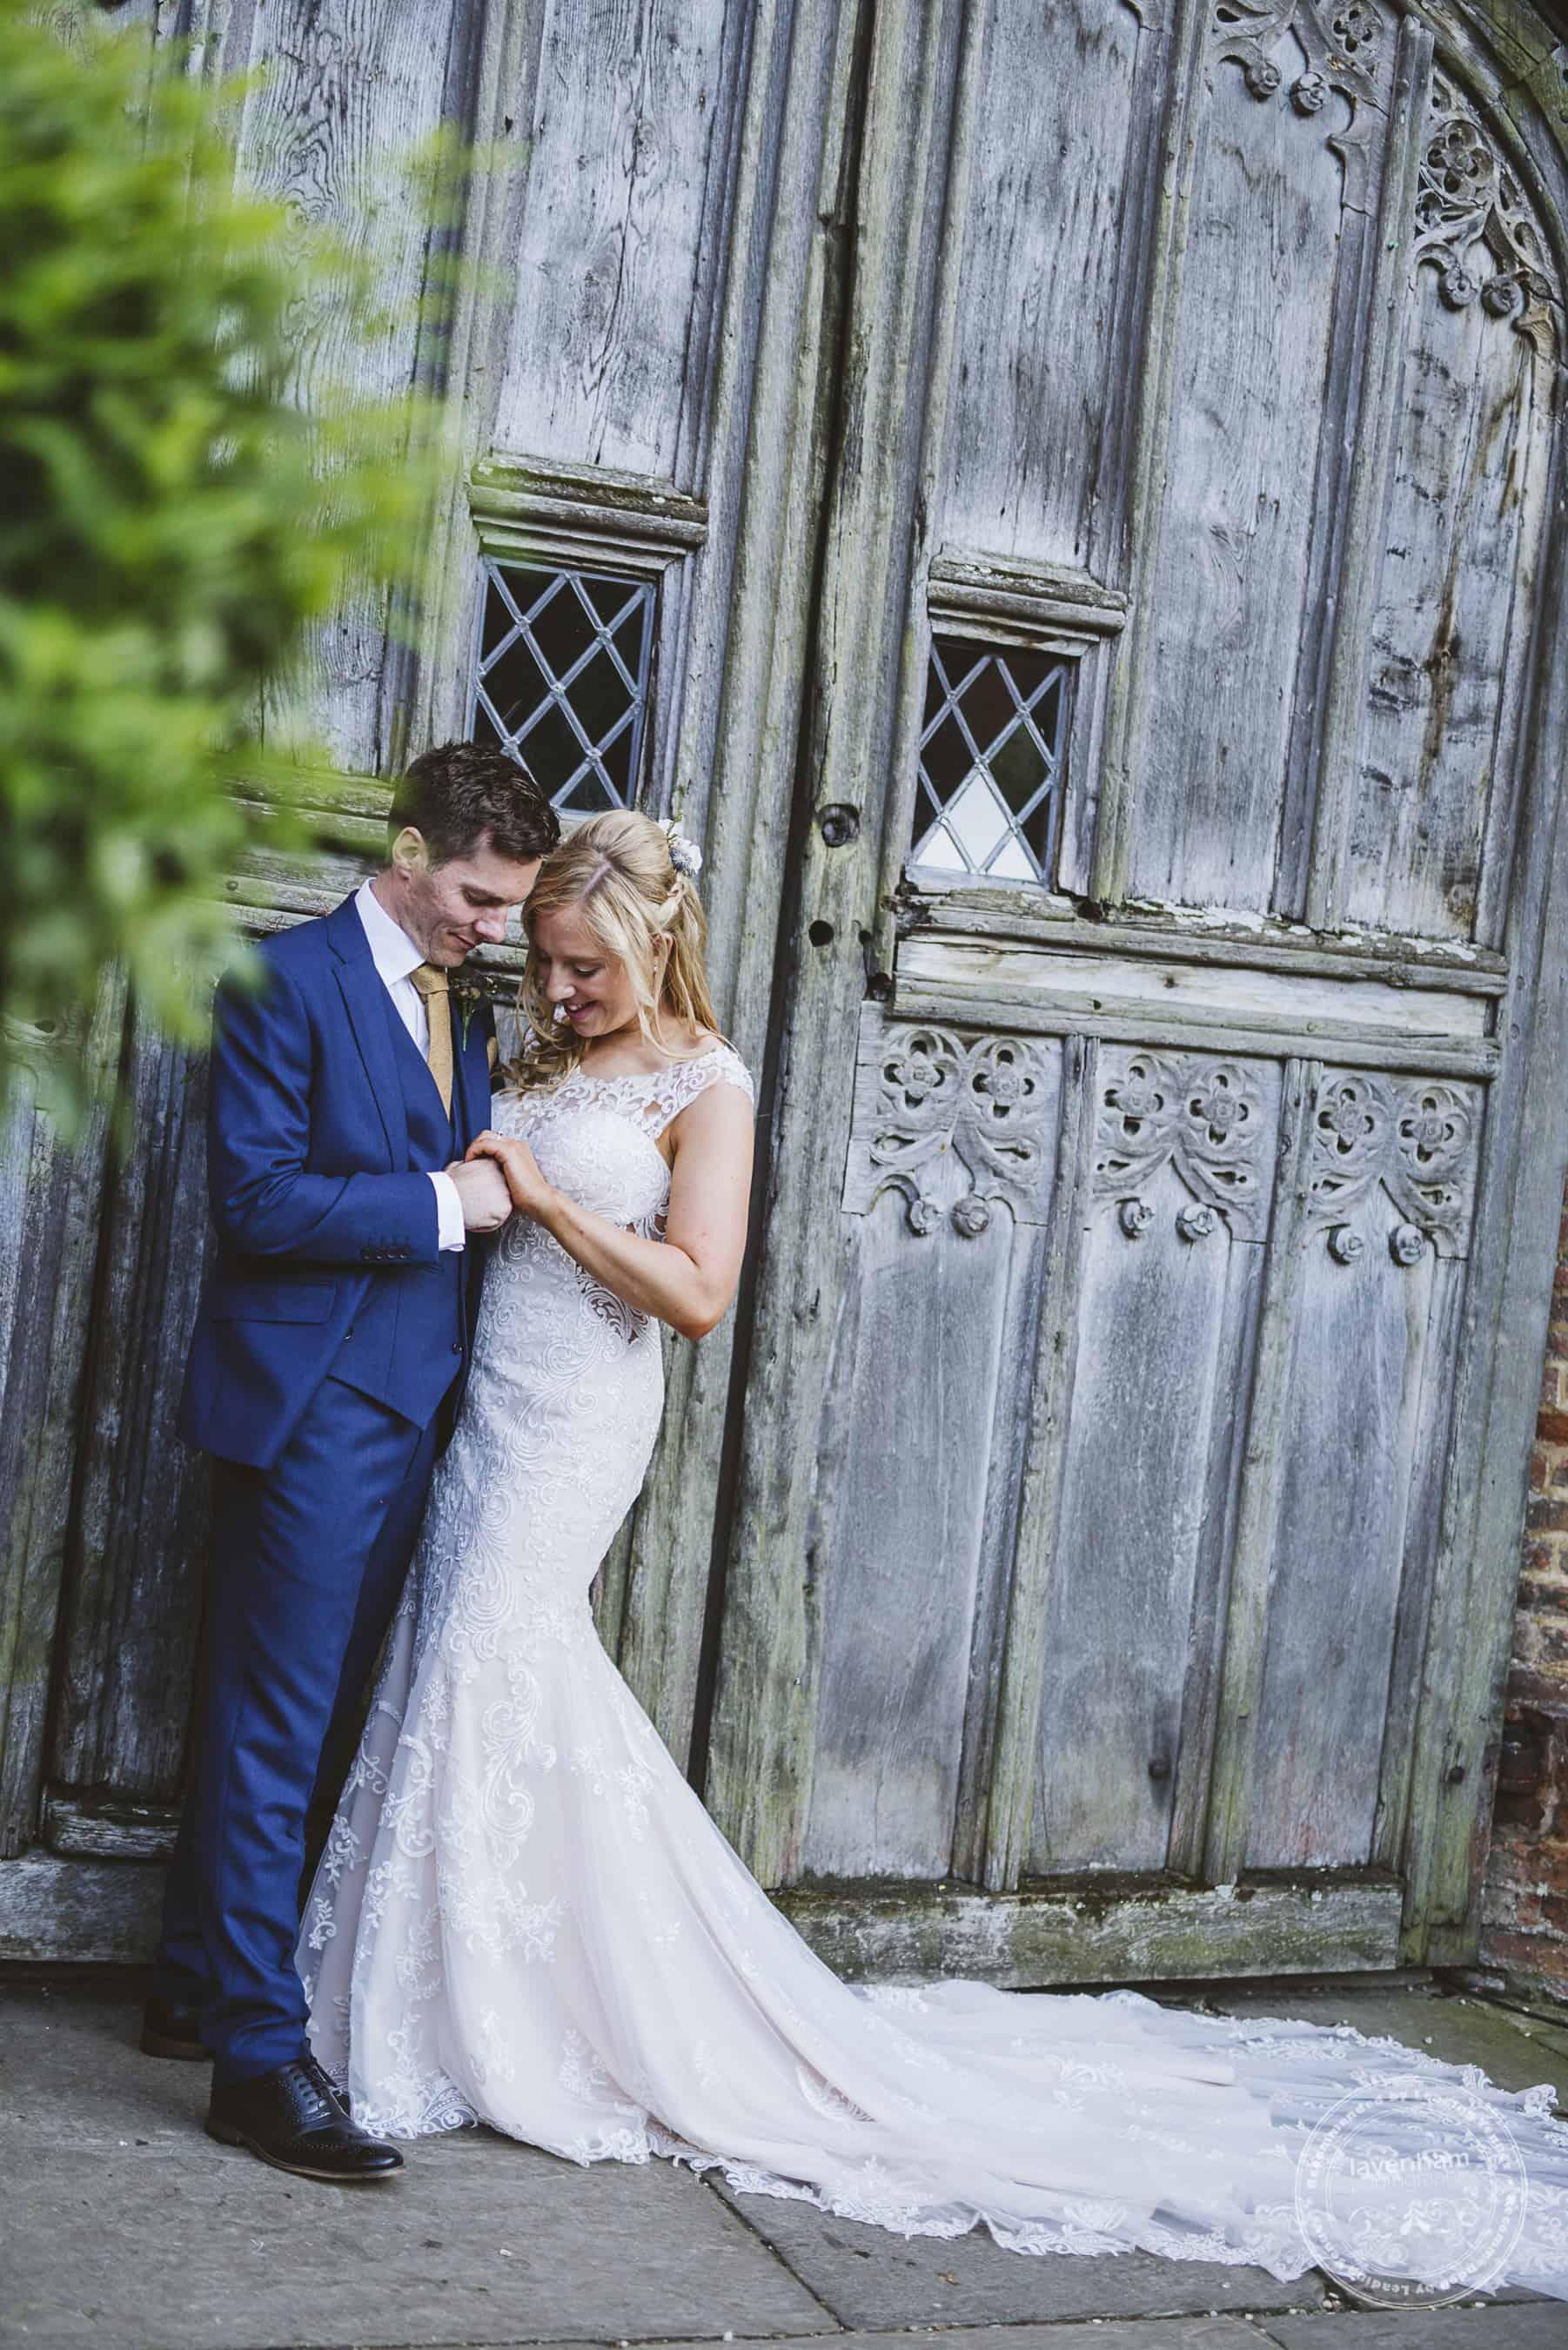 020618 Leez Priory Wedding Photography Lavenham Photographic 156